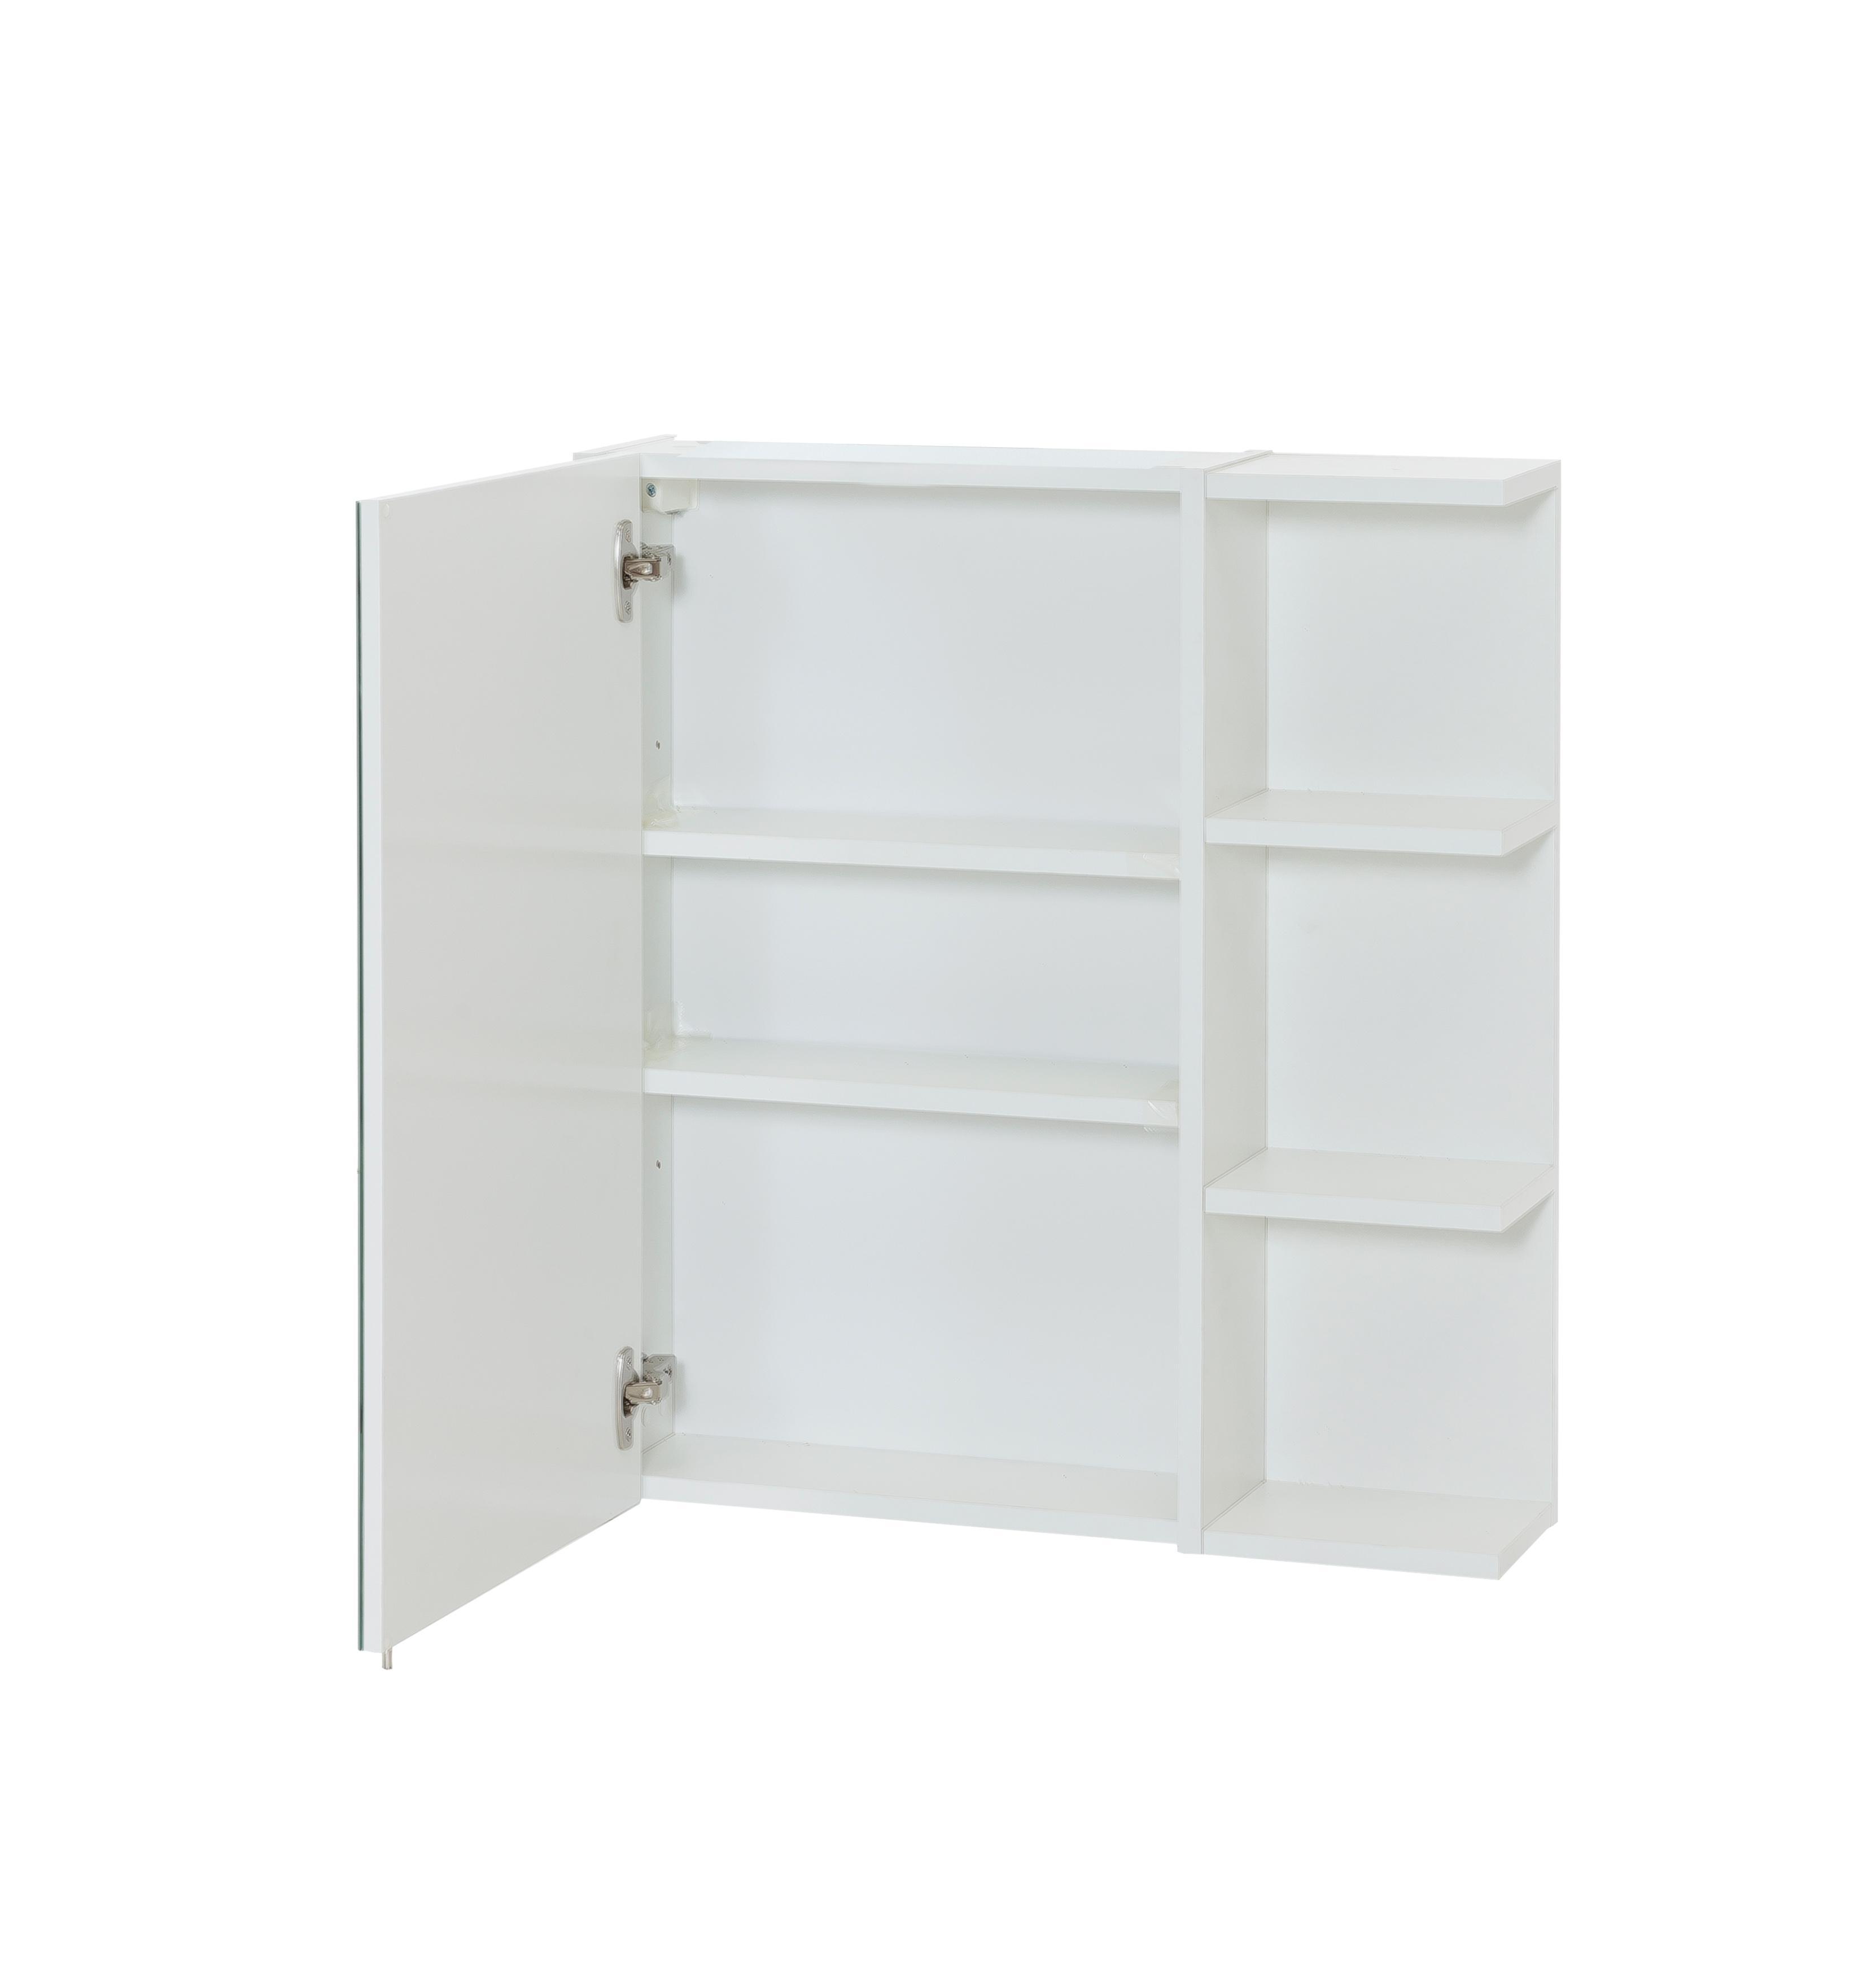 Schildmeyer Laif Spiegelschrank, Holz, Weiß, 15.95 x 63.1 x 70.4 cm ...